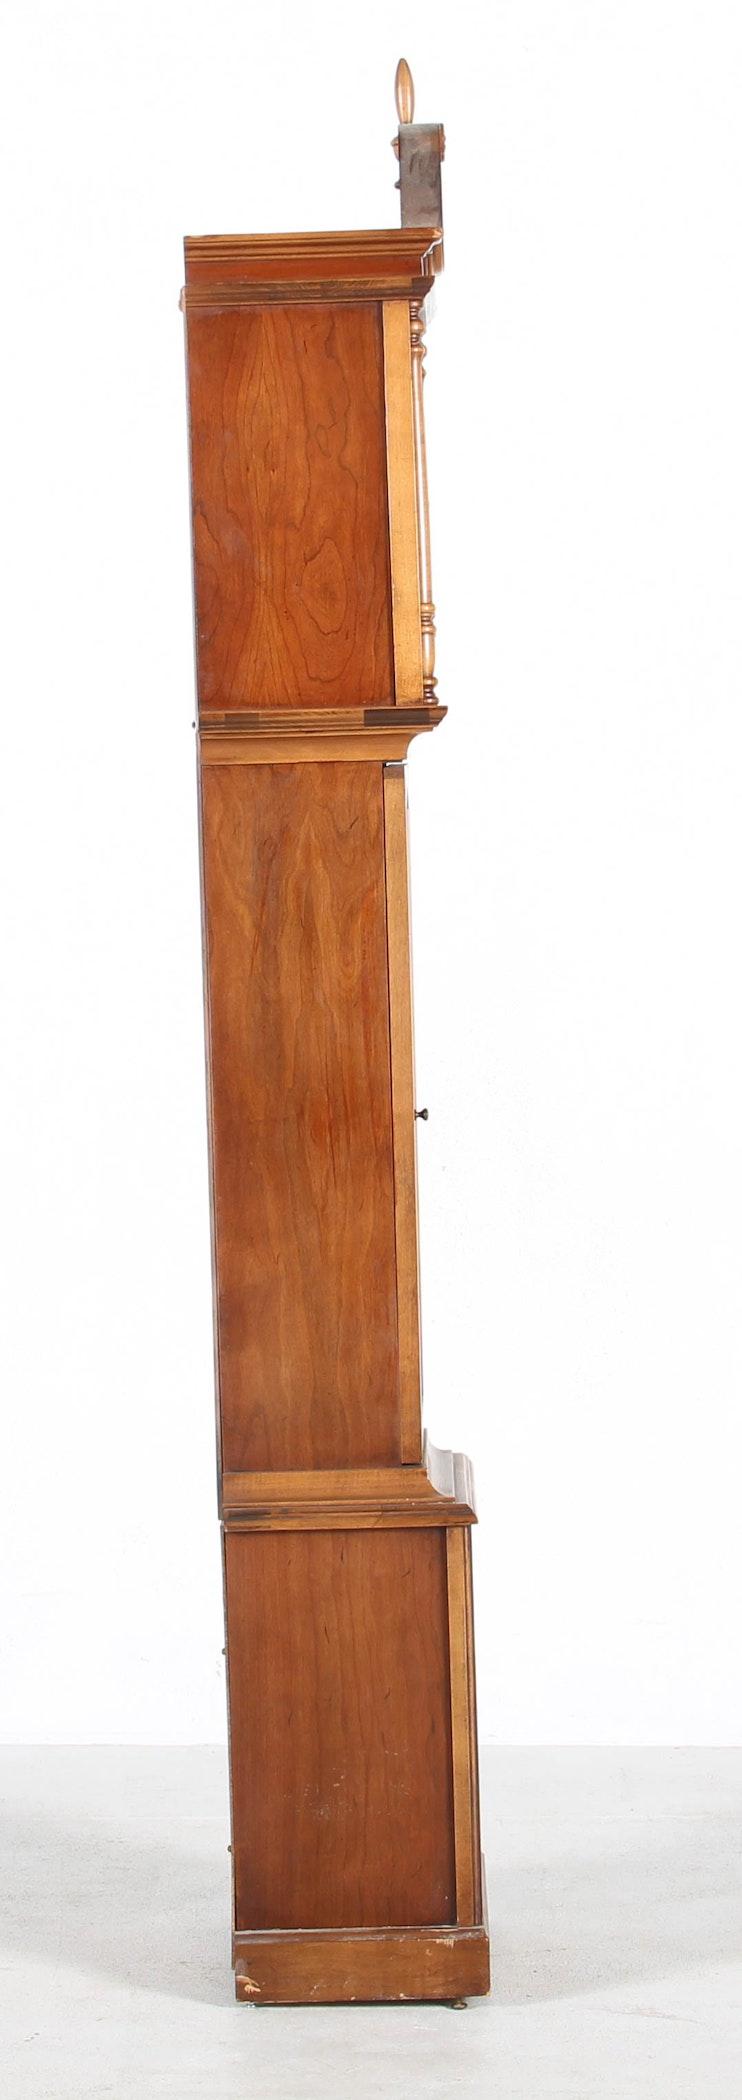 tempus fugit grandfather clock instructions